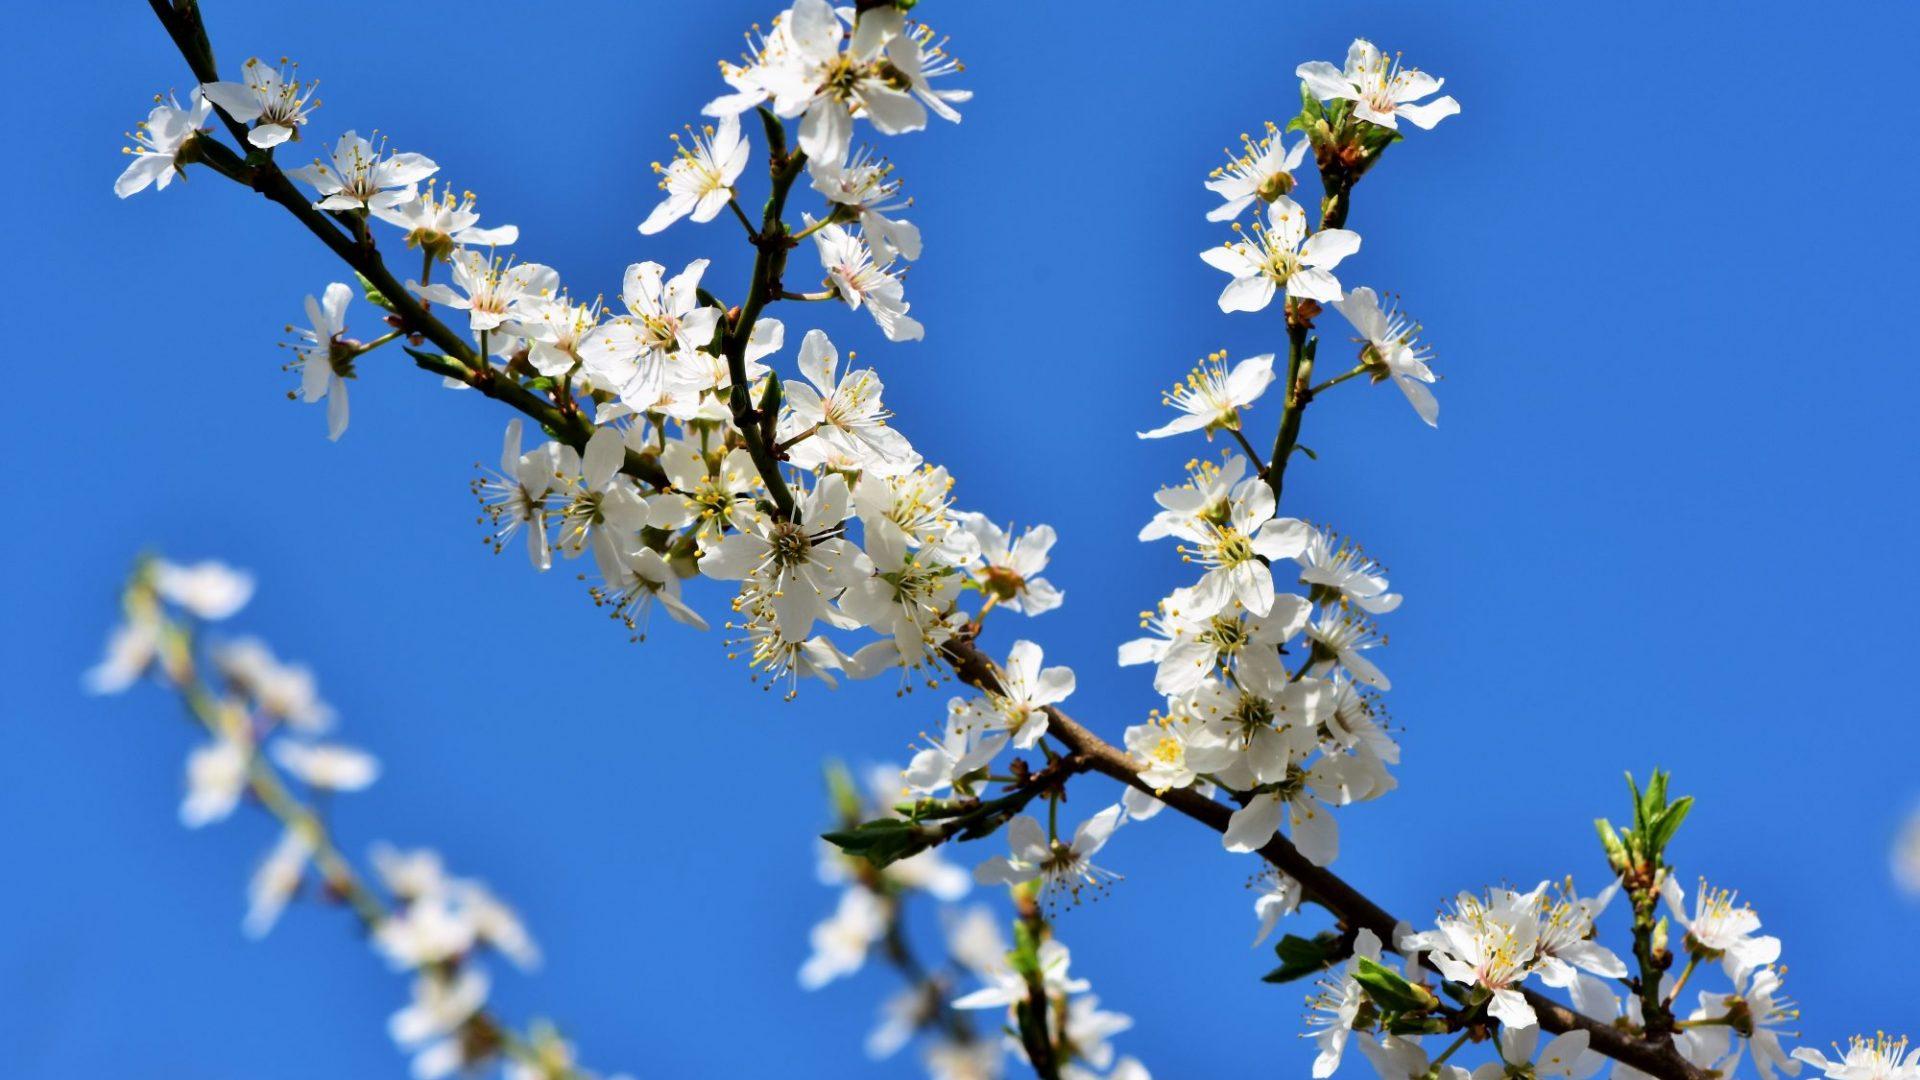 plum-blossom-3301898